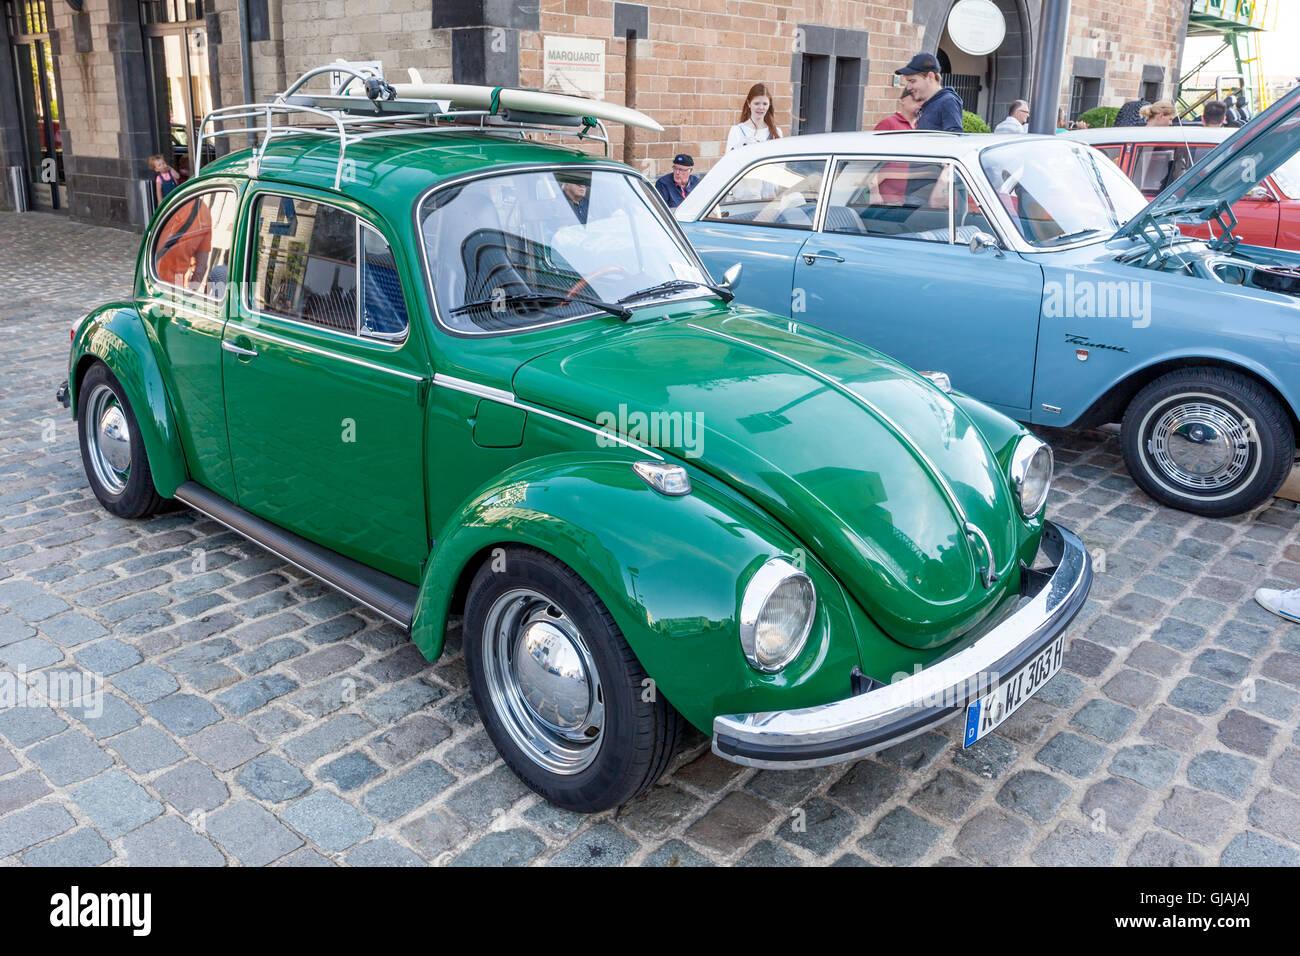 Volkswagen Beetle - Stock Image